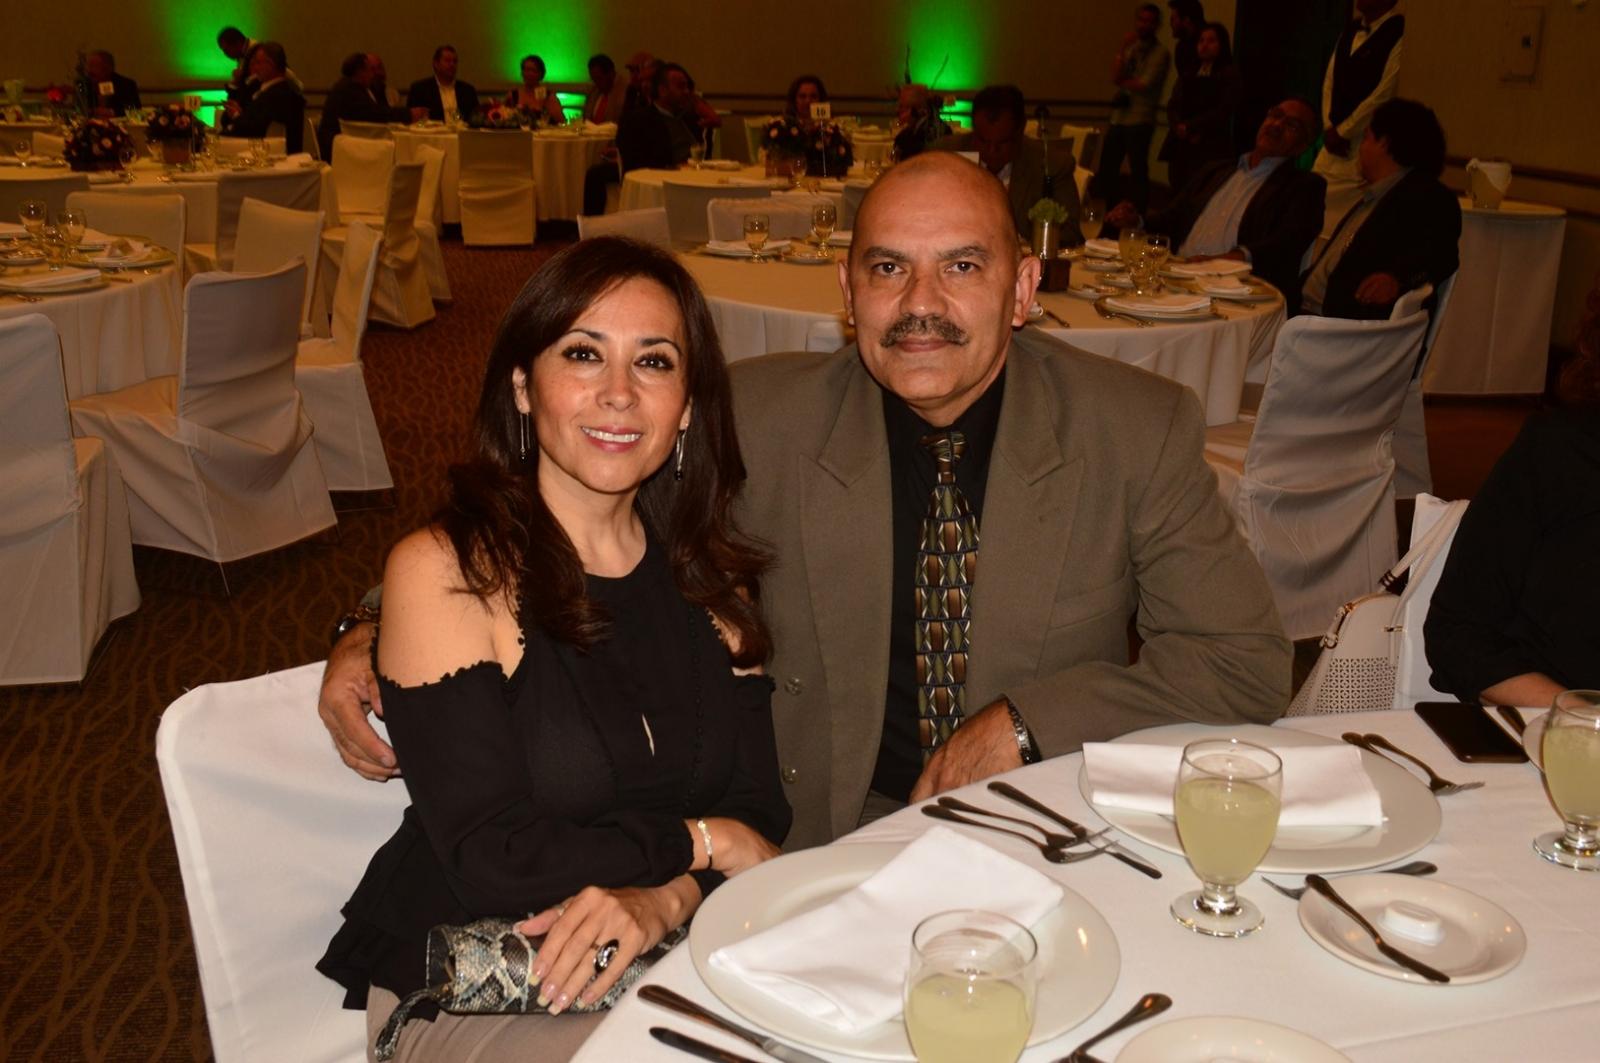 Felicidades also Ver articulo likewise Cartel De Jurez moreover Evento as well Estilo Reservado Fiesta Privada En. on oscar flores olivas